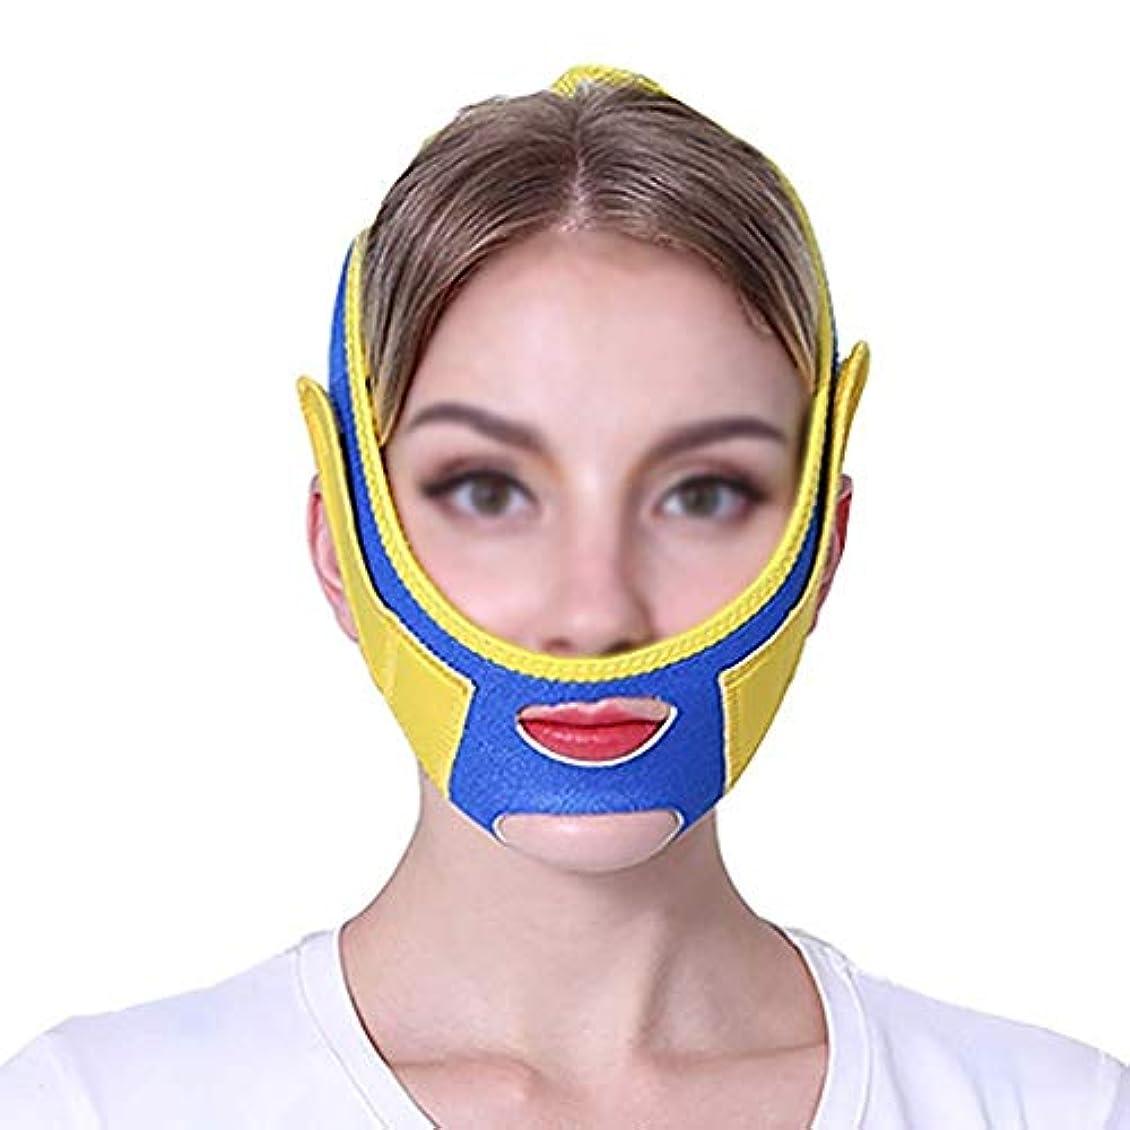 慣習ソーシャル反対するファーミングフェイスマスク、スモールVフェイスアーティファクトリフティングマスクフェイスリフティングフェイスメロンフェイスリフティングフェイスマスクファーミングクリームフェイスリフティングバンデージ